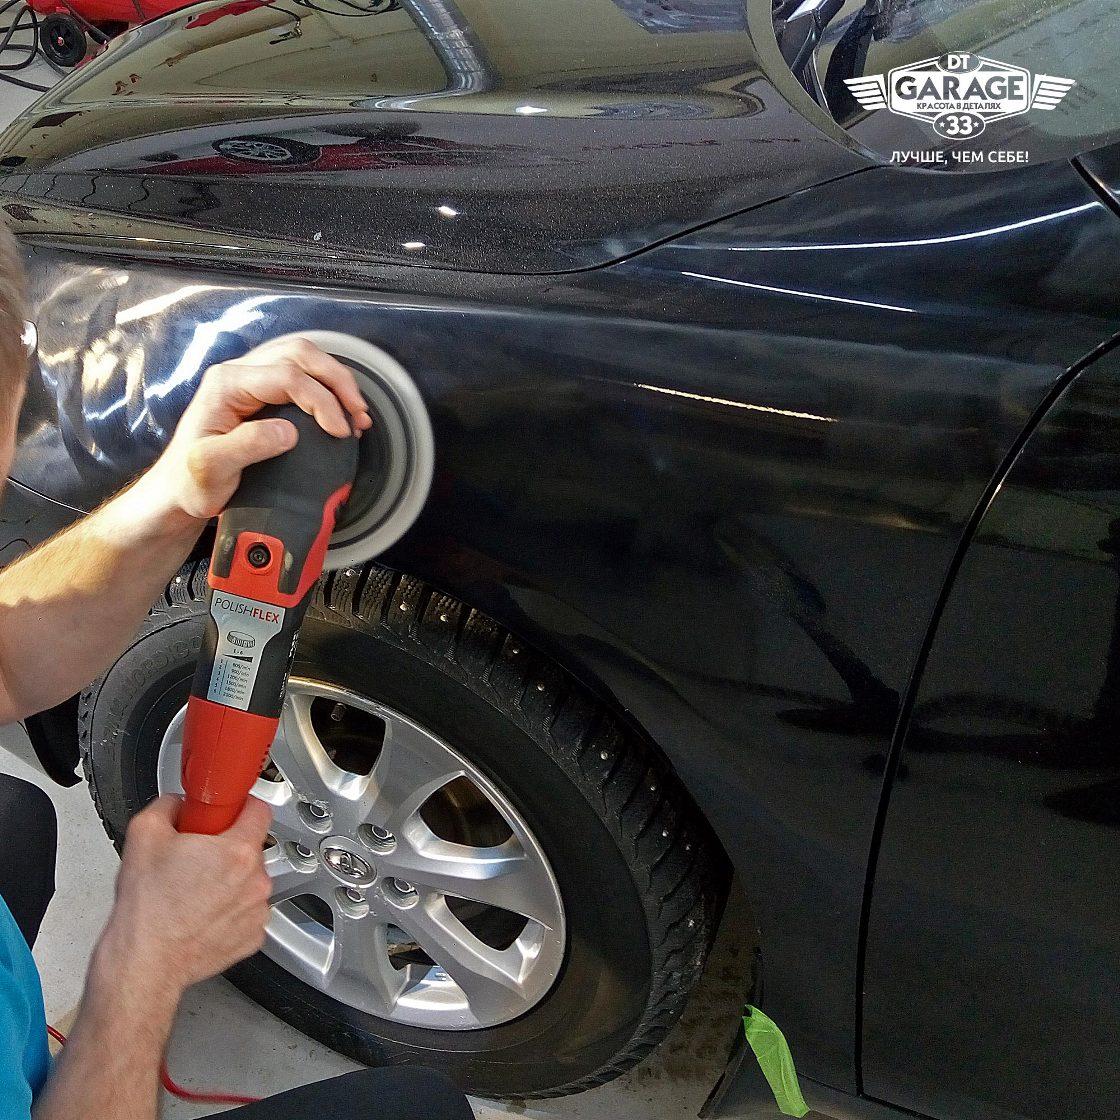 На фото мастер «DT GARAGE 33» из г. Владимир Владимирской области полирует переднее крыло автомобиля.